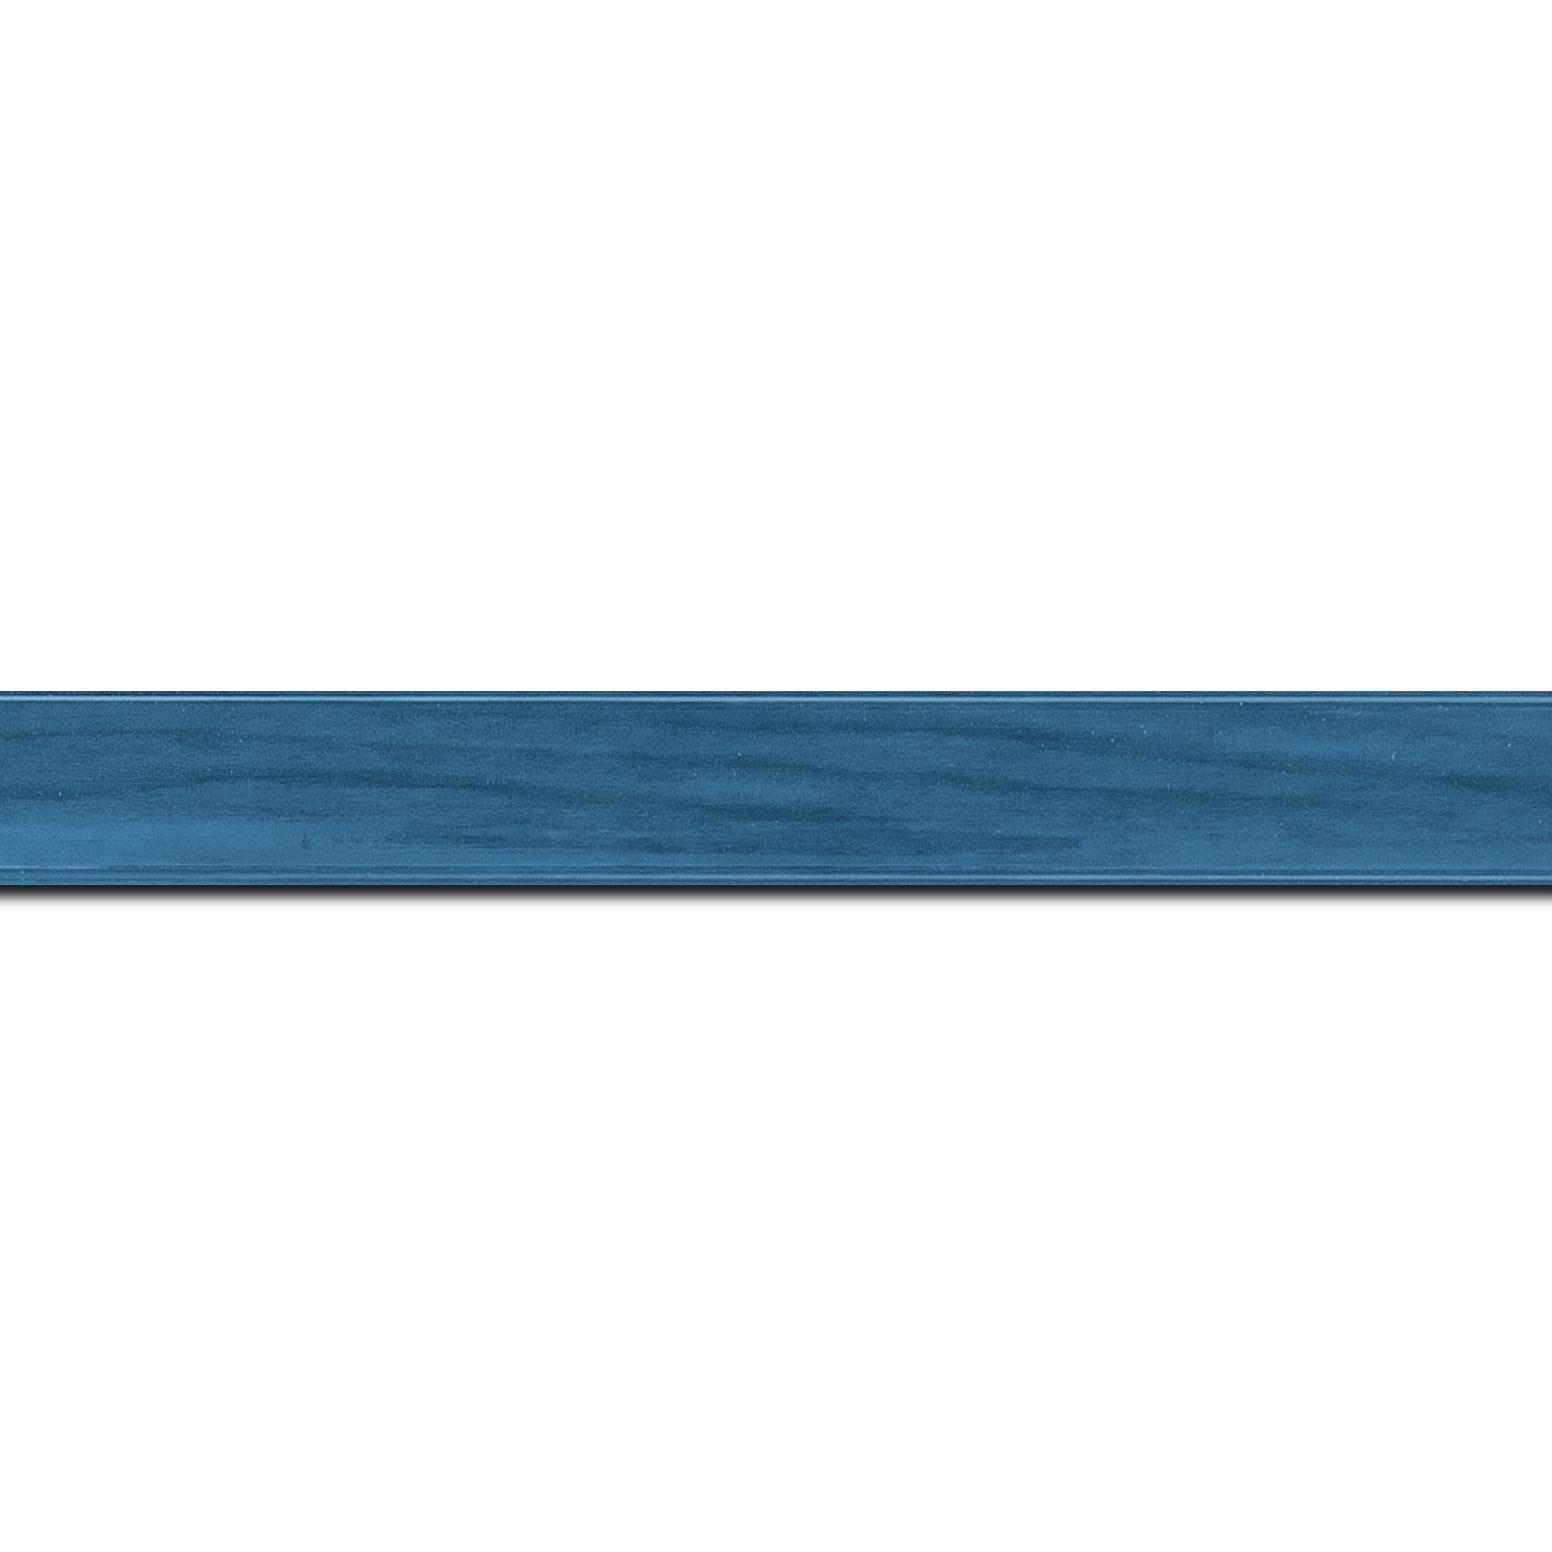 Baguette longueur 1.40m bois profil arrondi plongeant largeur 2cm couleur bleu vernis sur pin (veine du bois apparent)